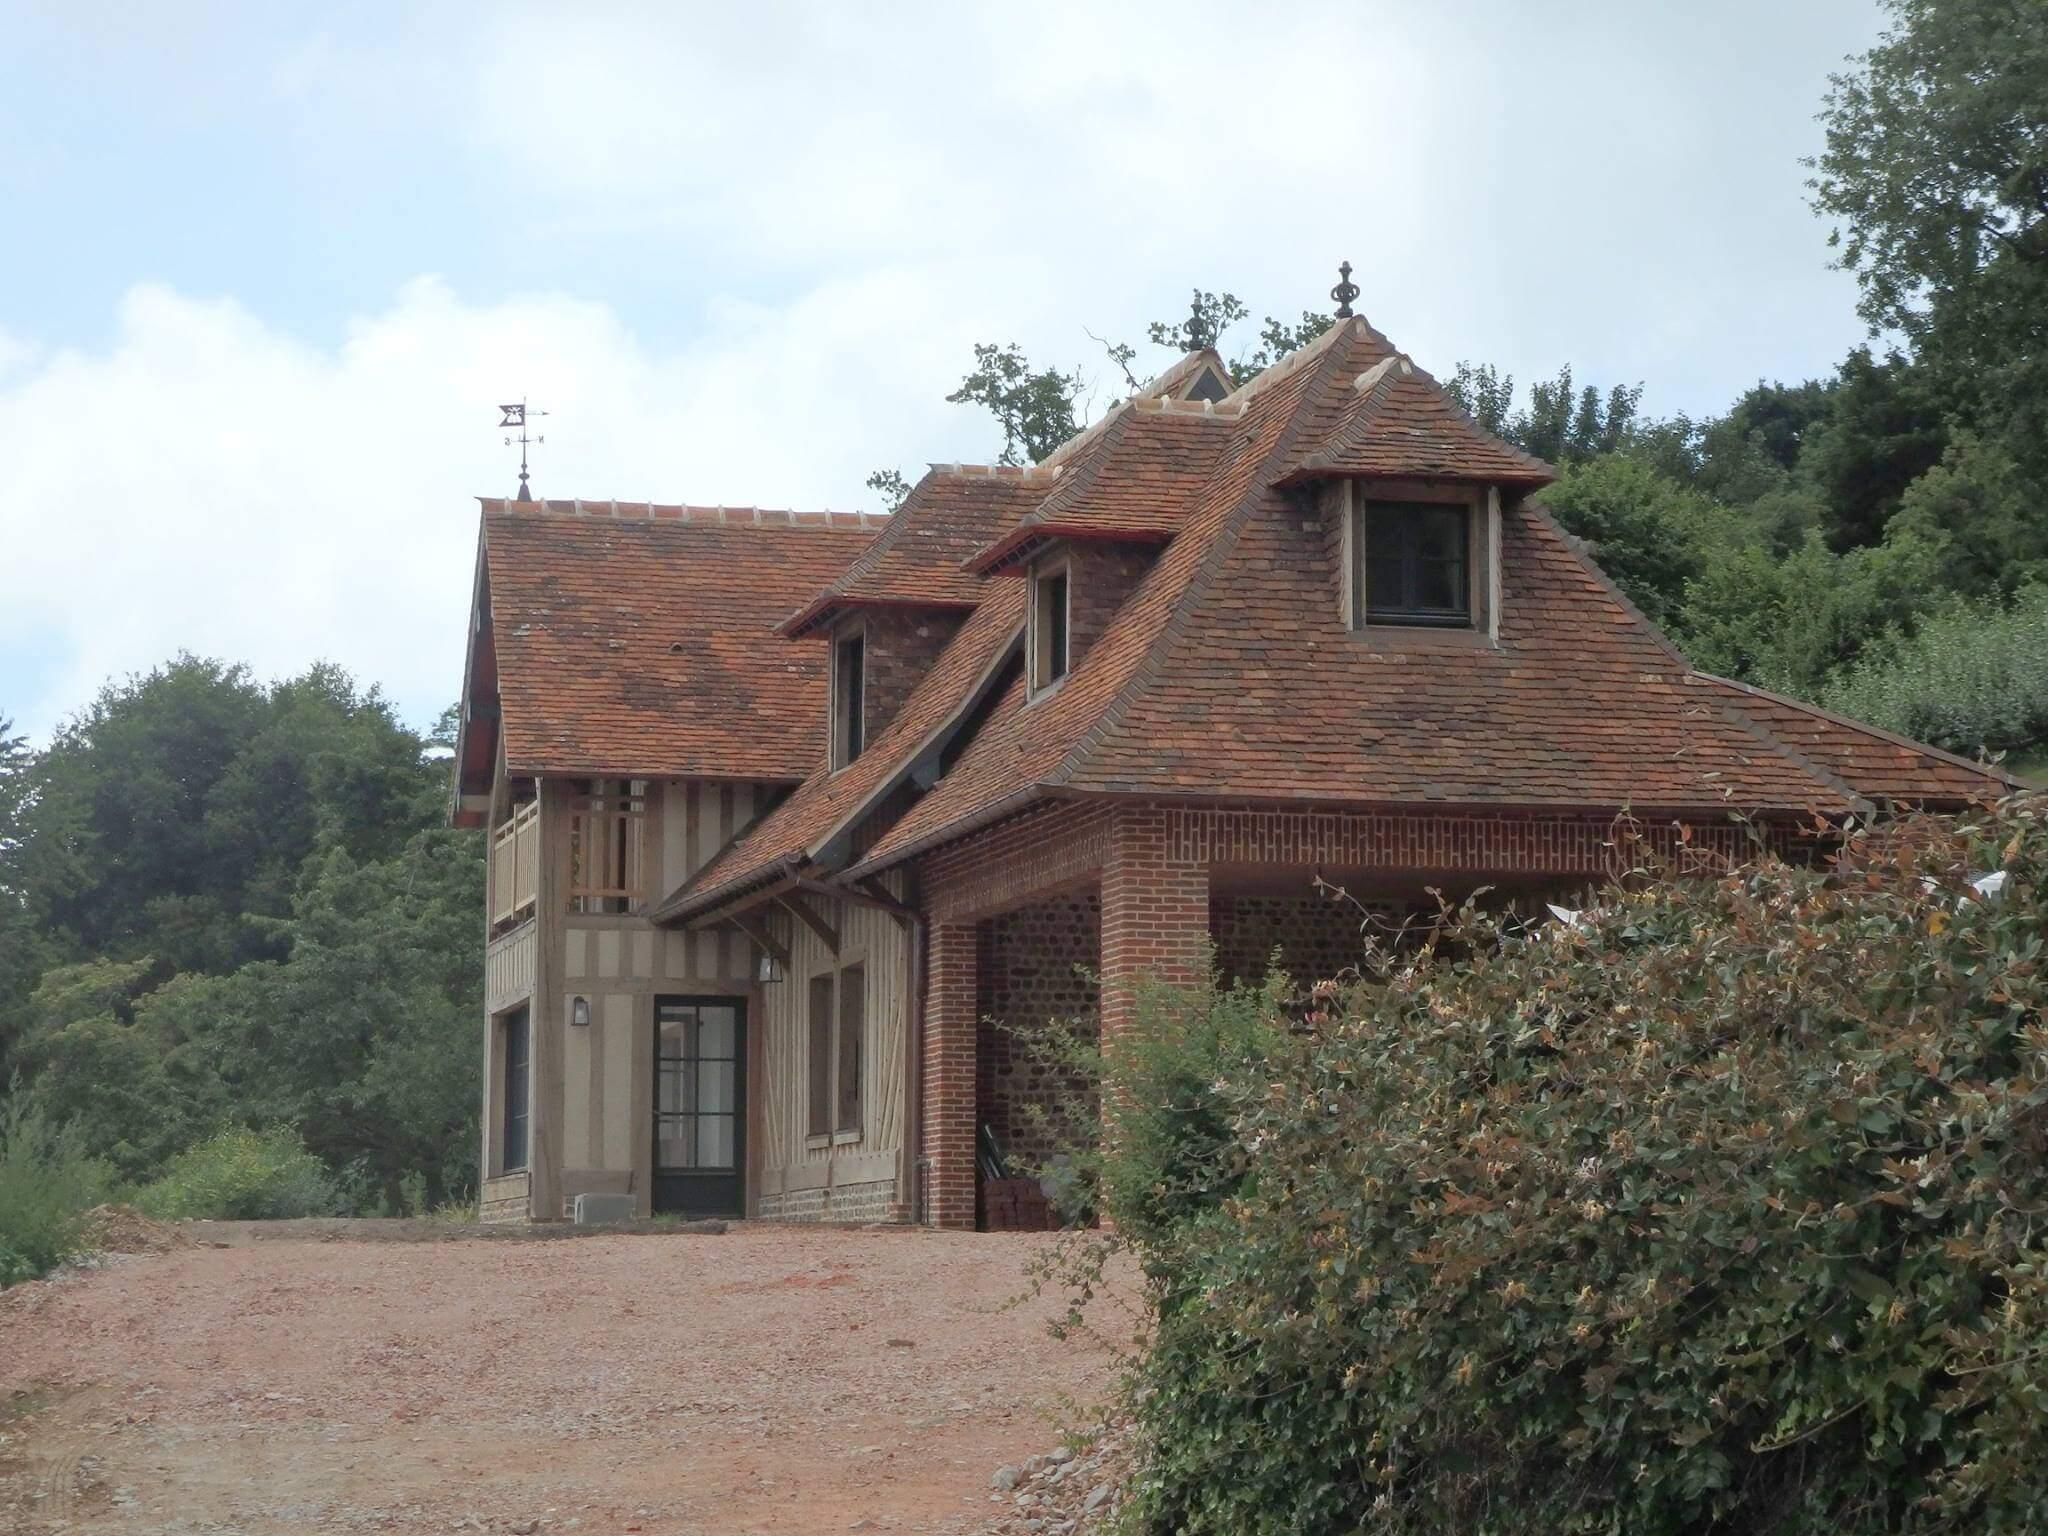 Guillaume tessel constructeur de maison normande dans l for Constructeur de maison normandie